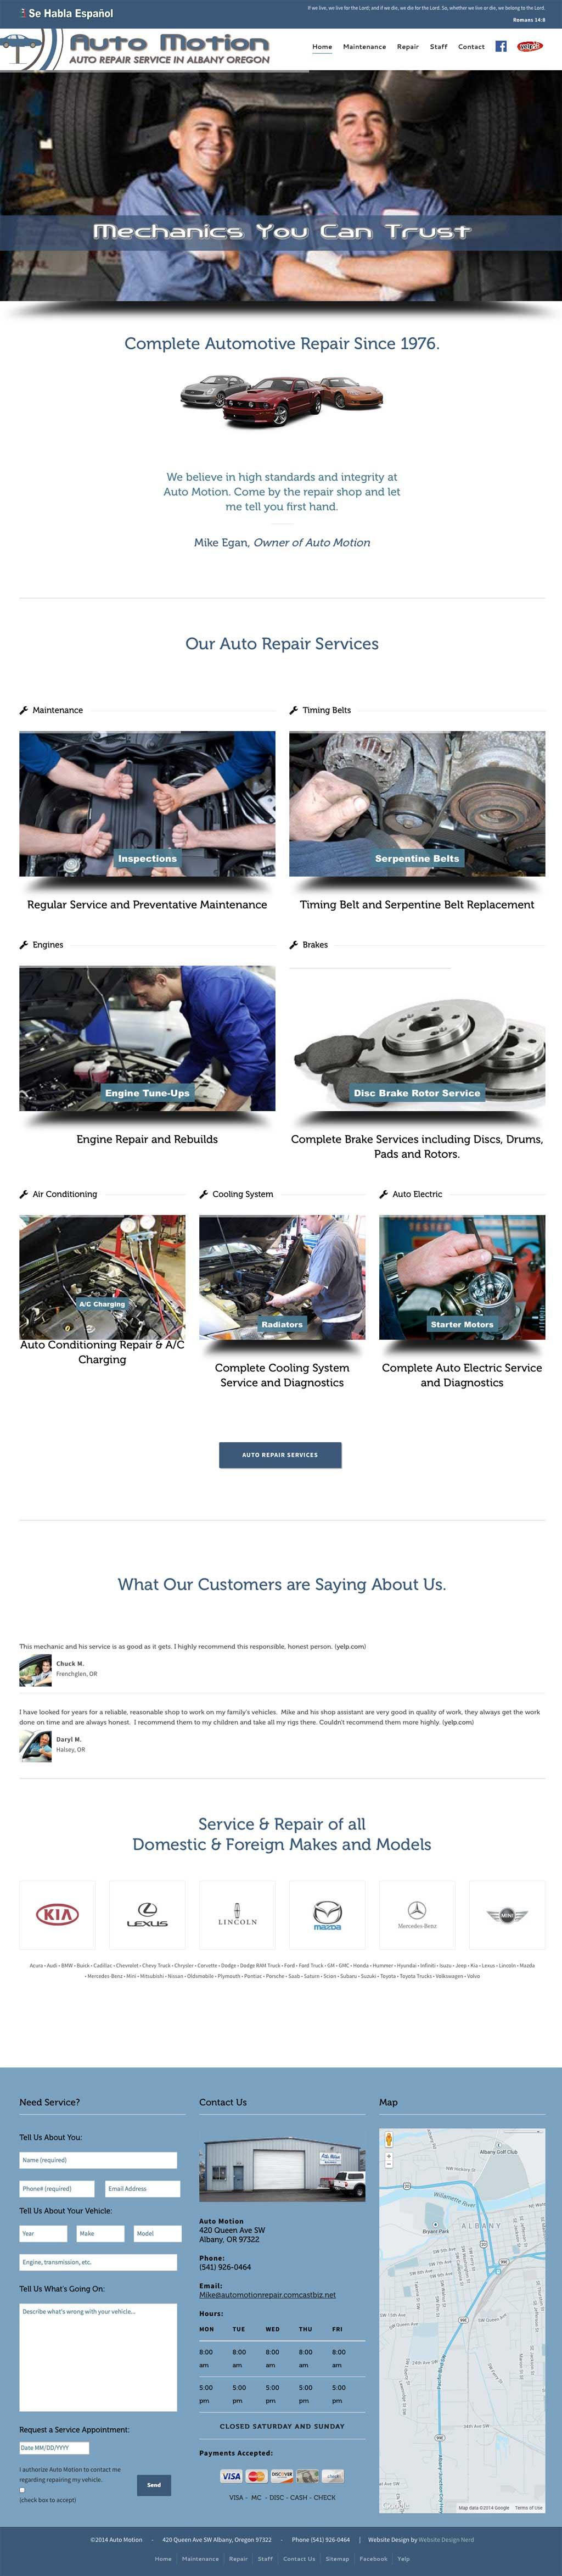 Albany Auto Repair Web Design Services